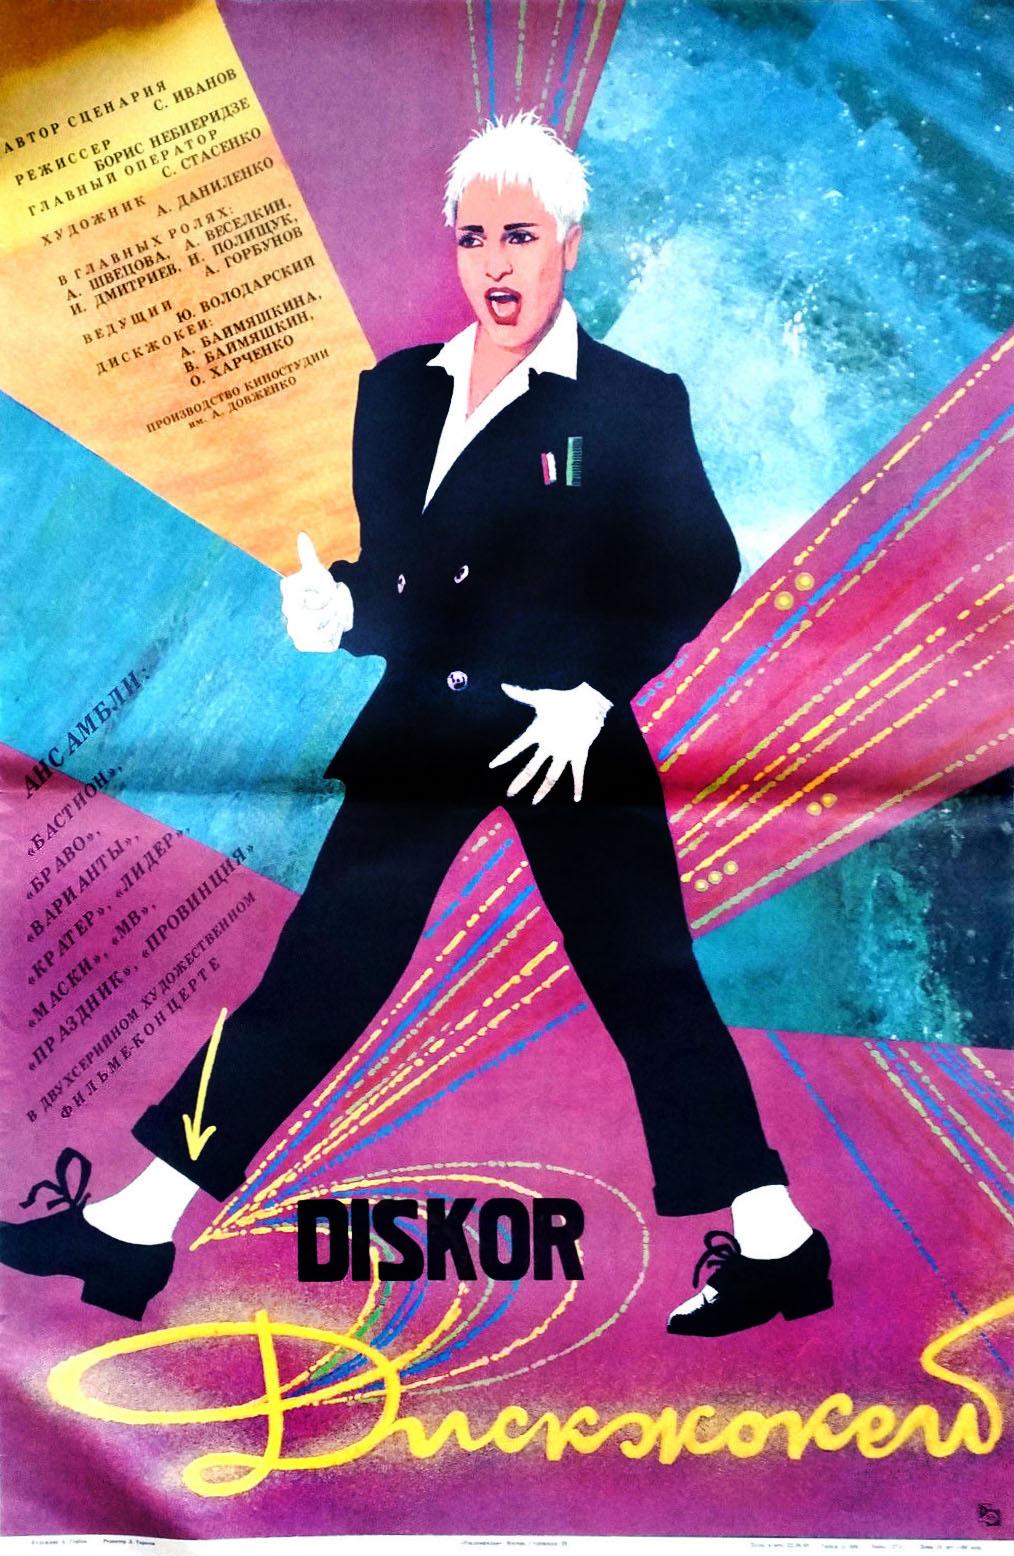 Diskzhokey ((1988))